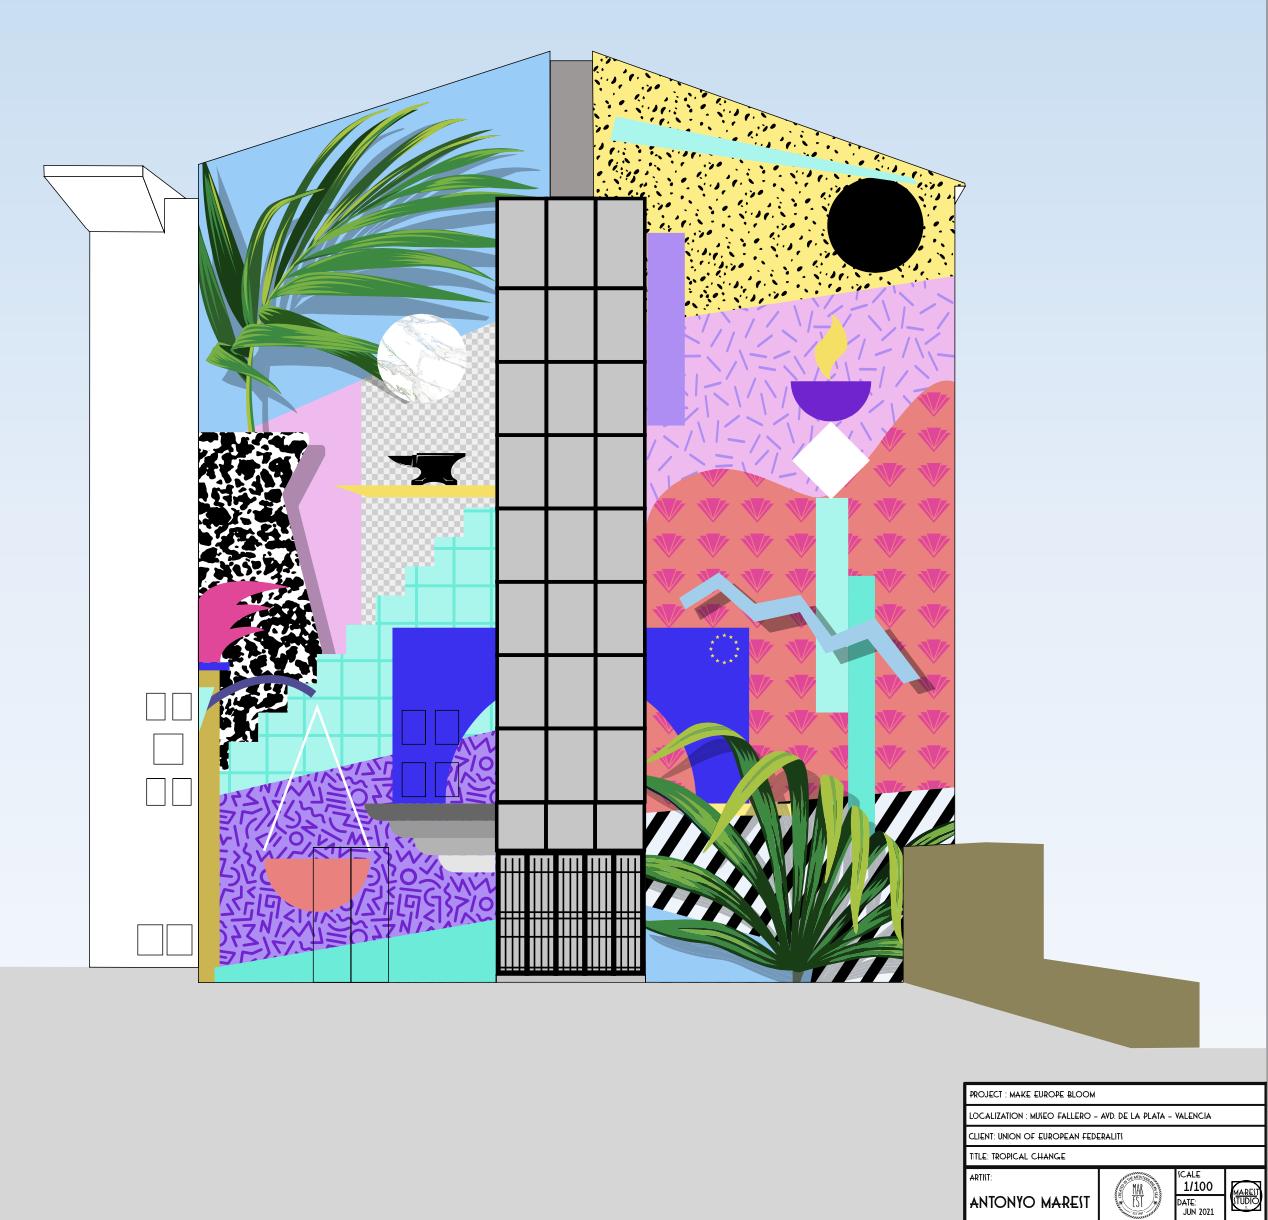 Propuesta de mural de arte urbano Museo Fallero   Ayuntamiento de València